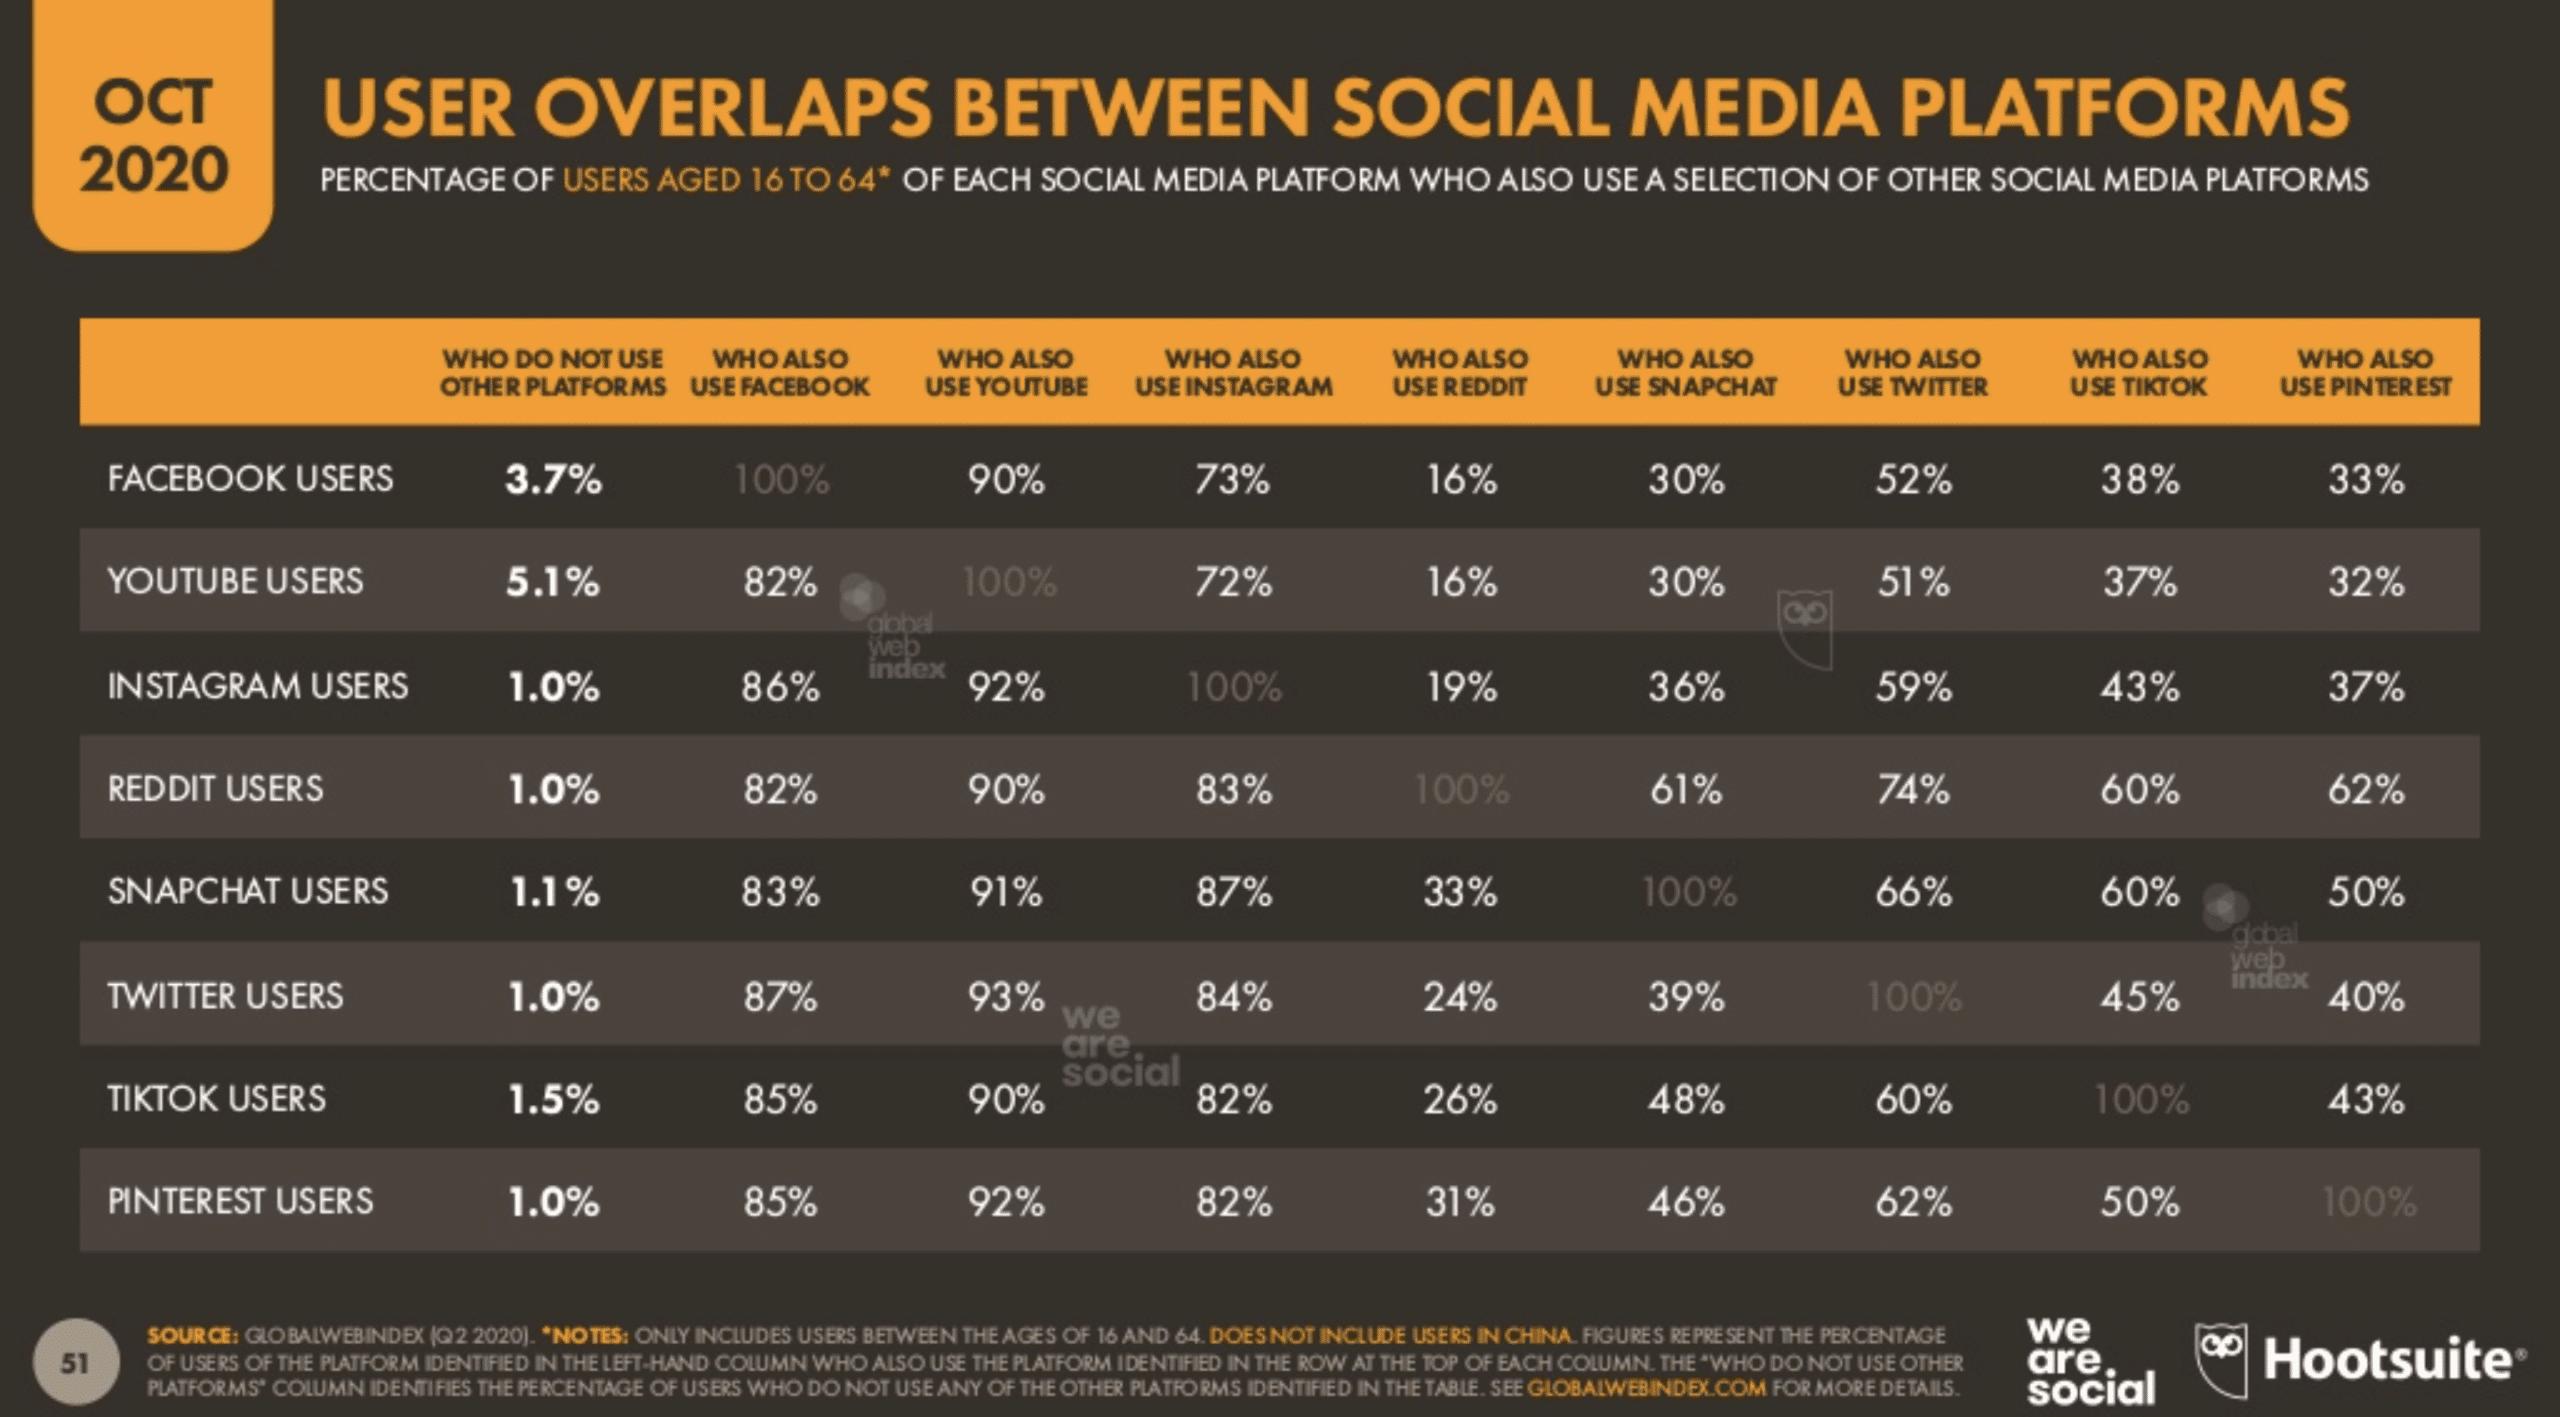 User overlaps between social media platforms